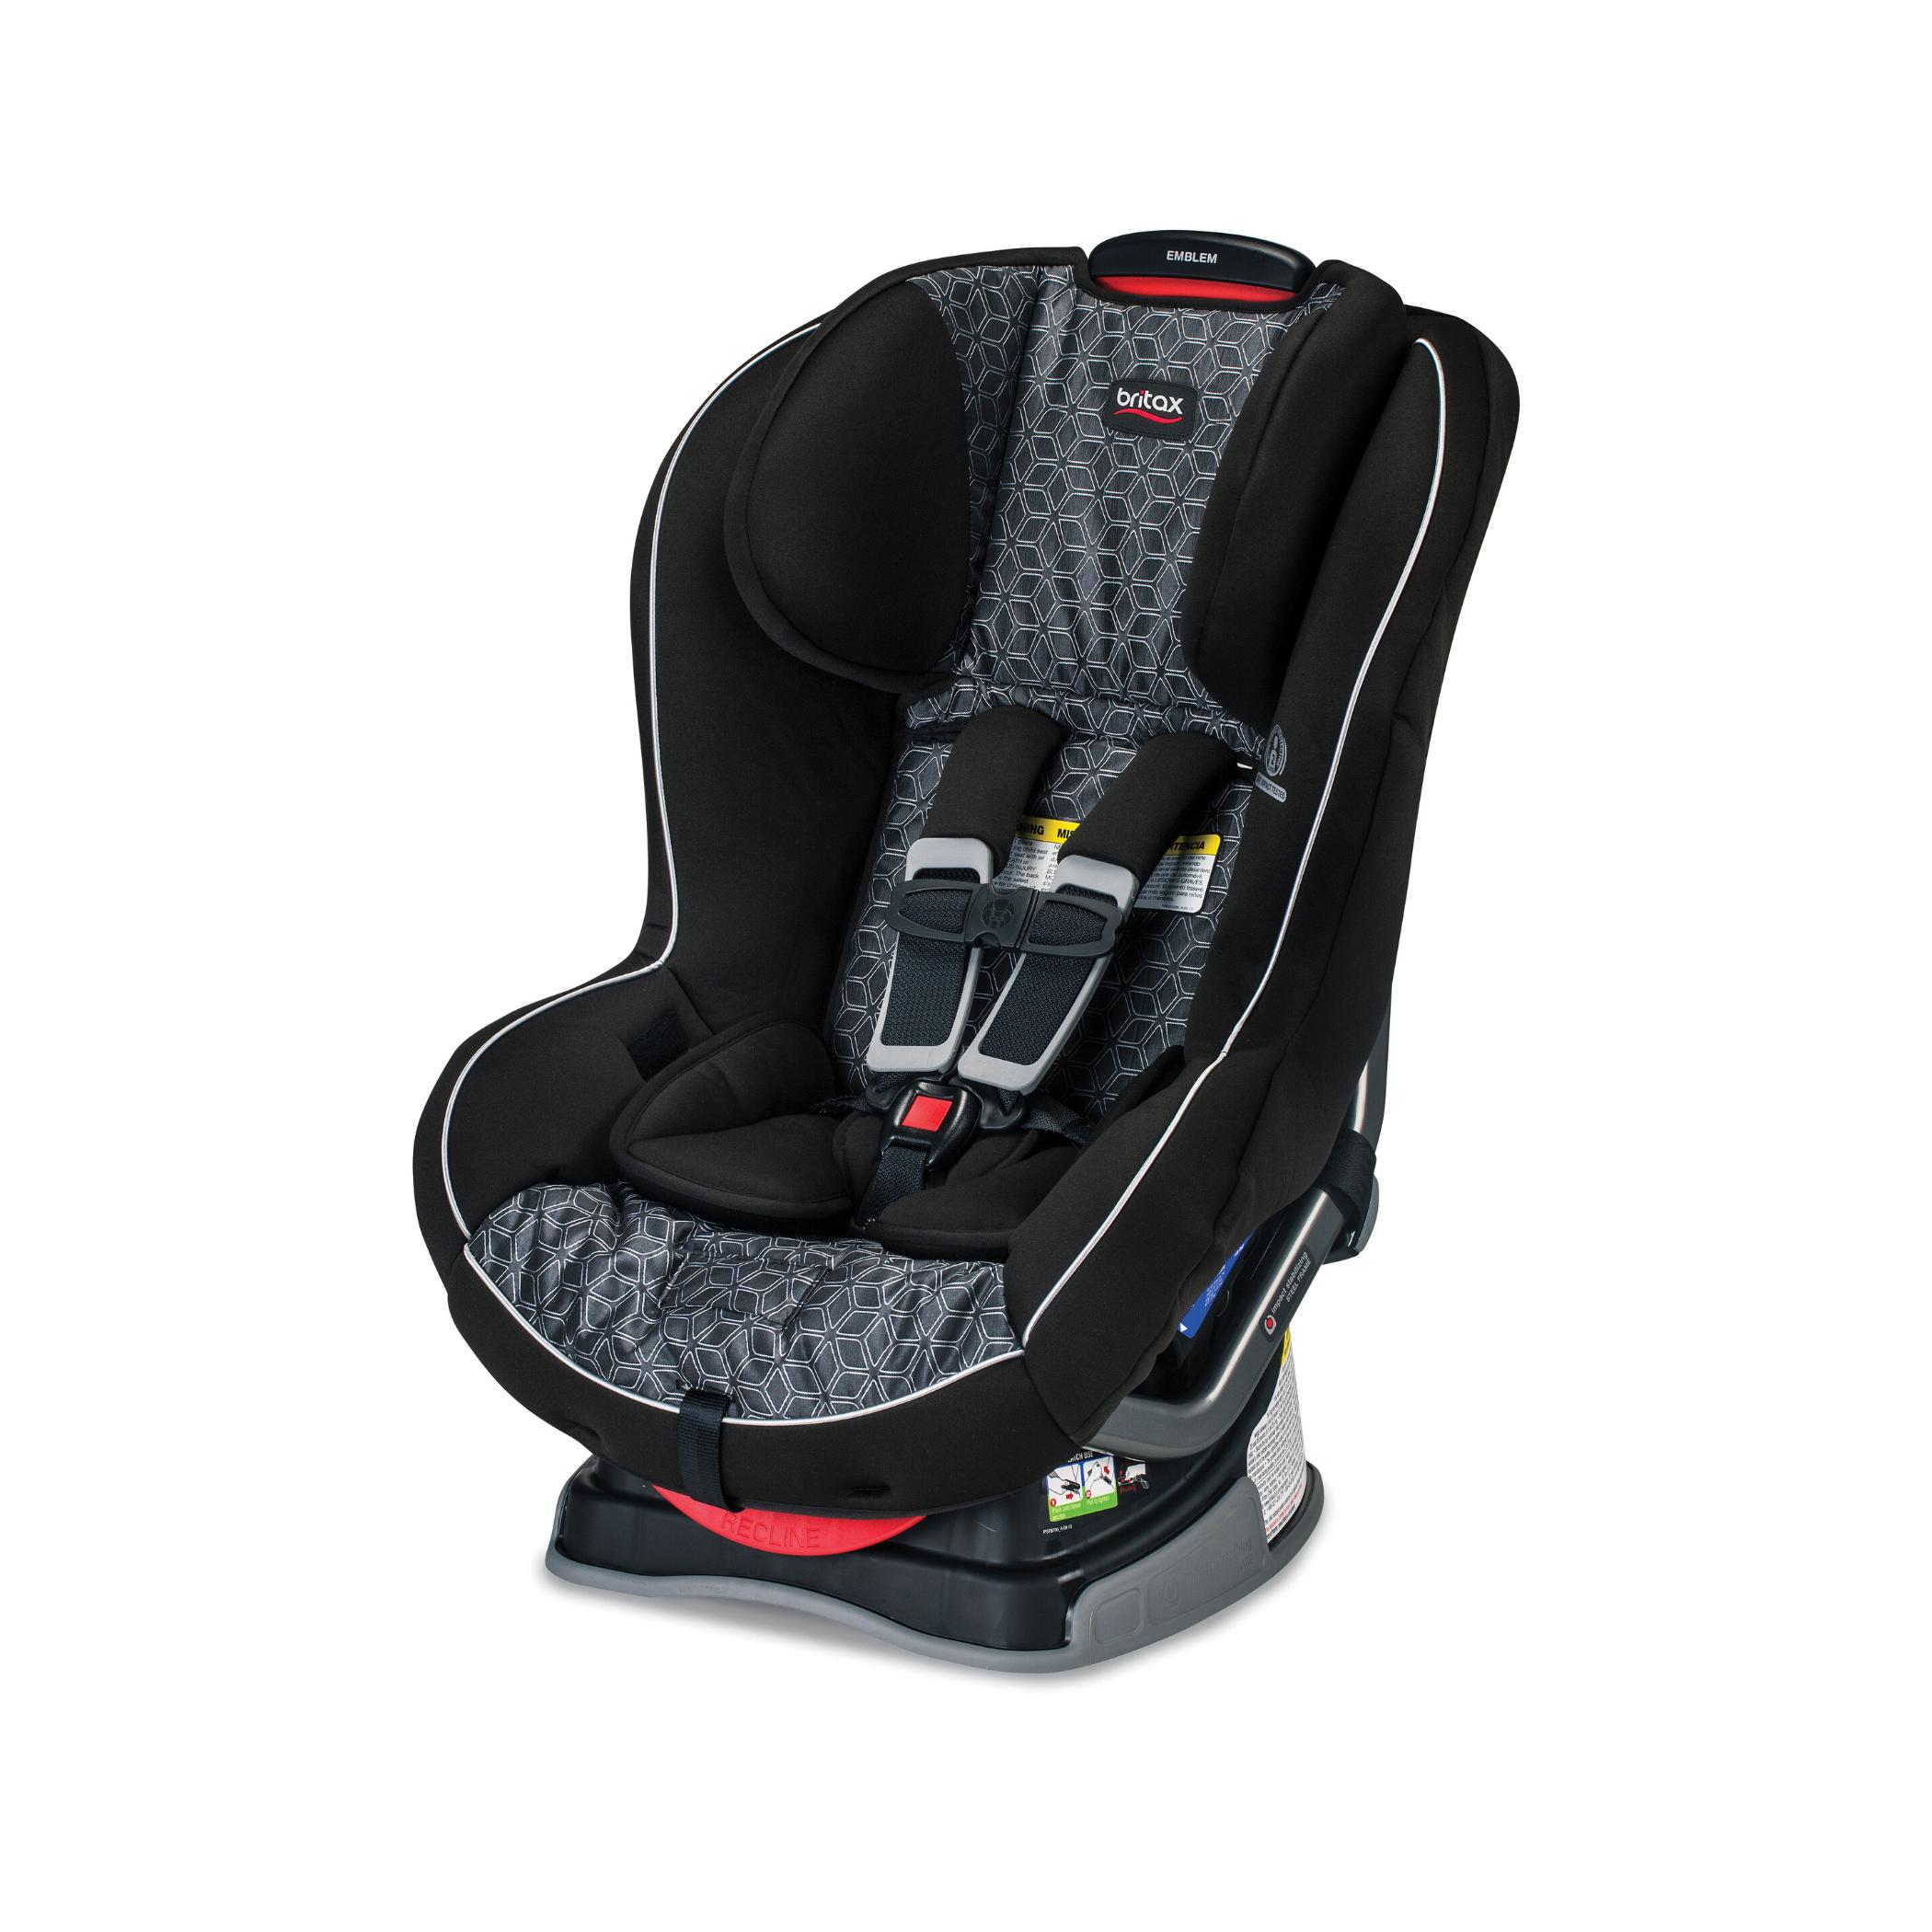 Emblem Convertible Car Seat — britax